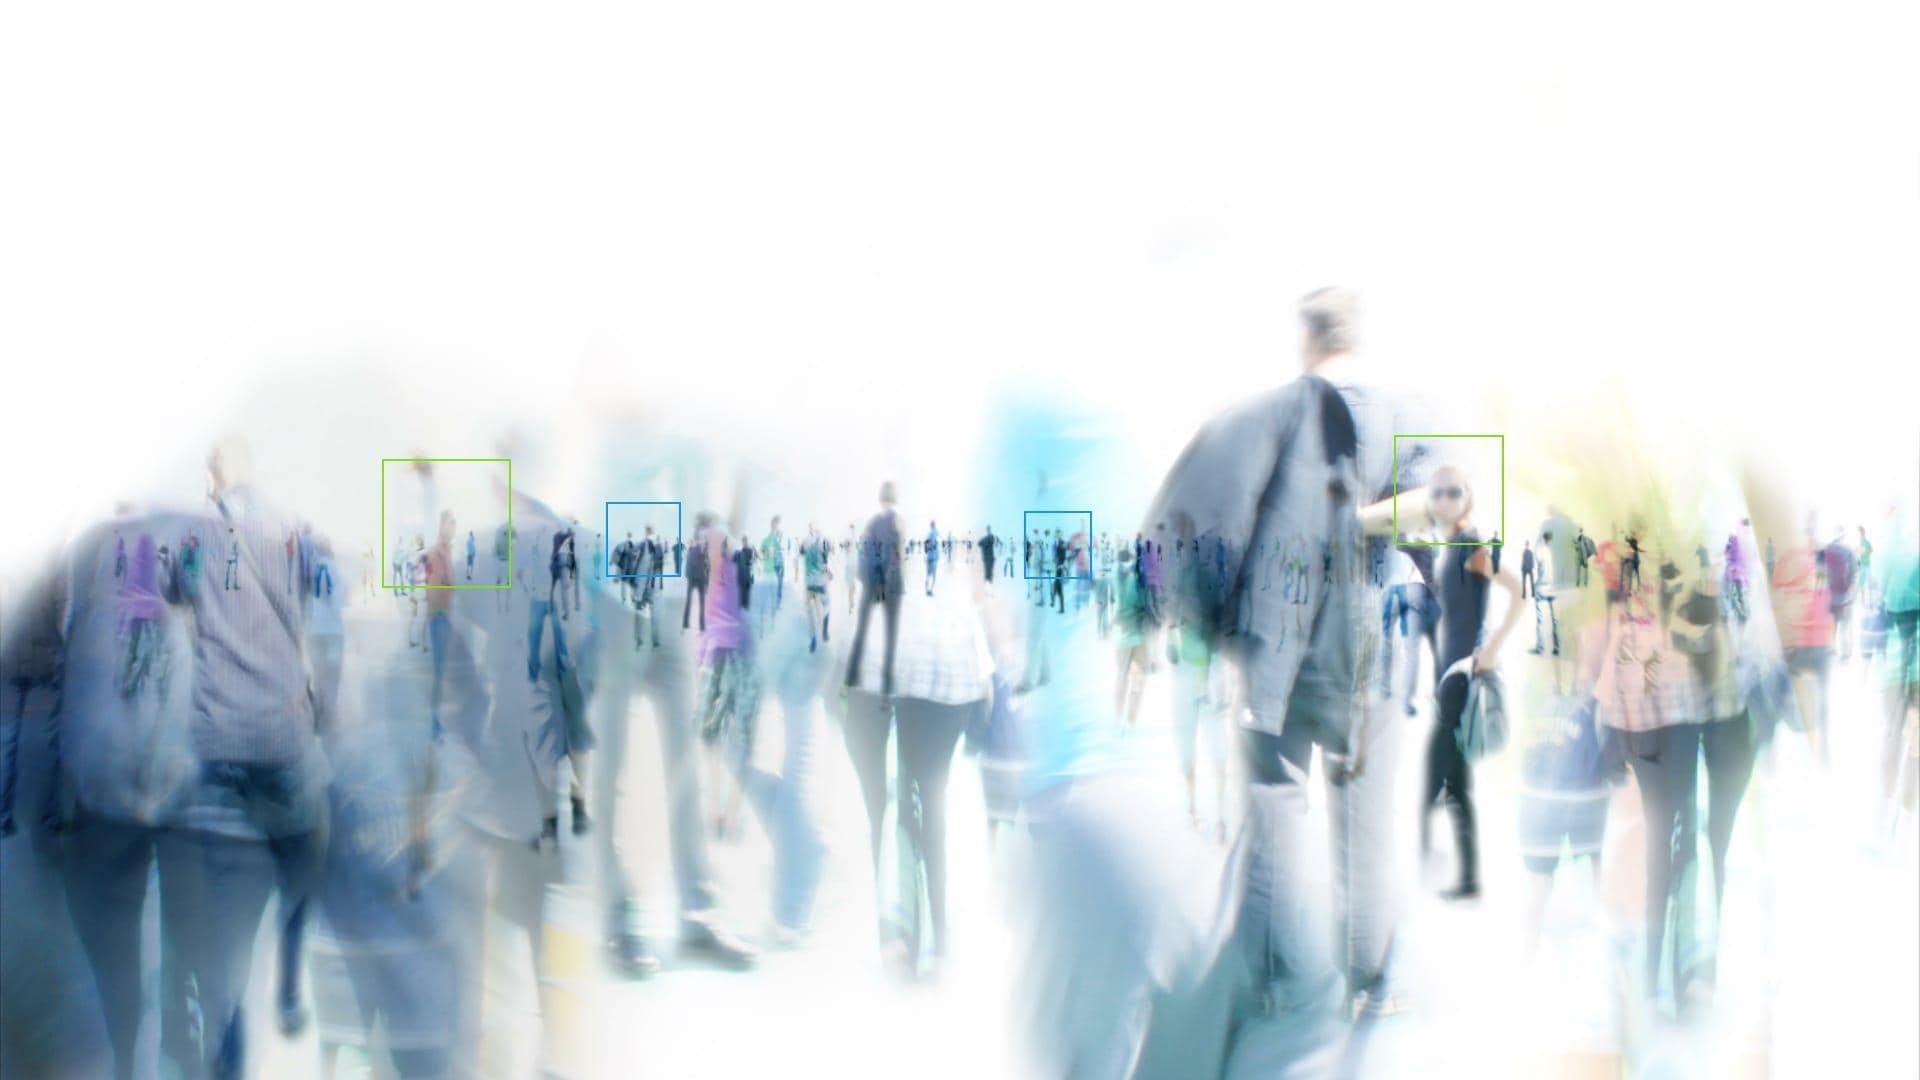 Crowds of people walking